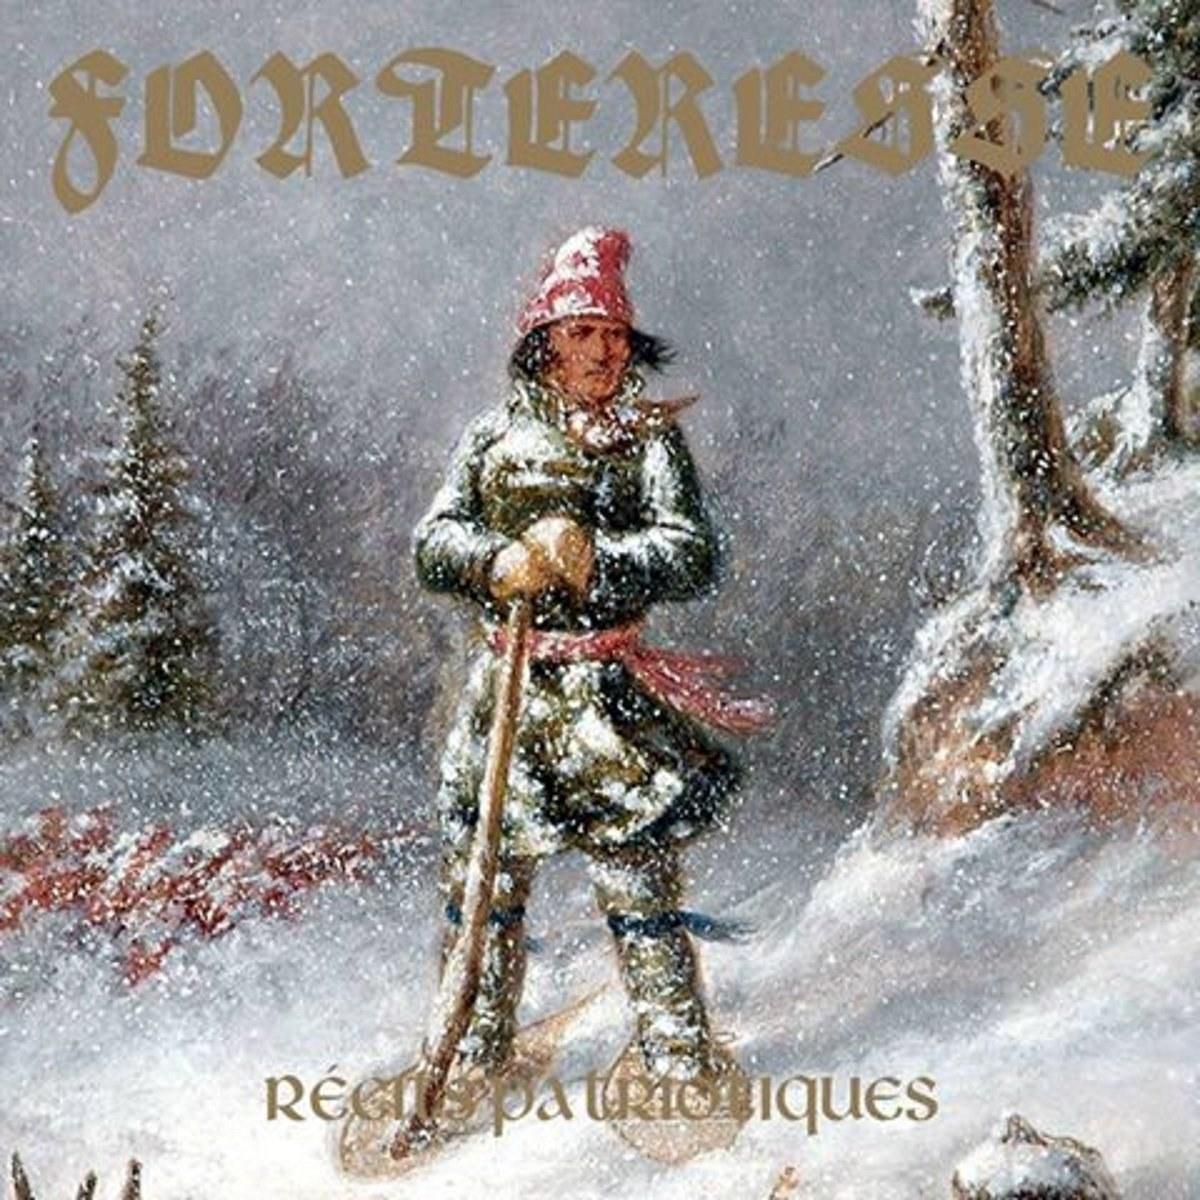 Reviews for Forteresse - Récits Patriotiques